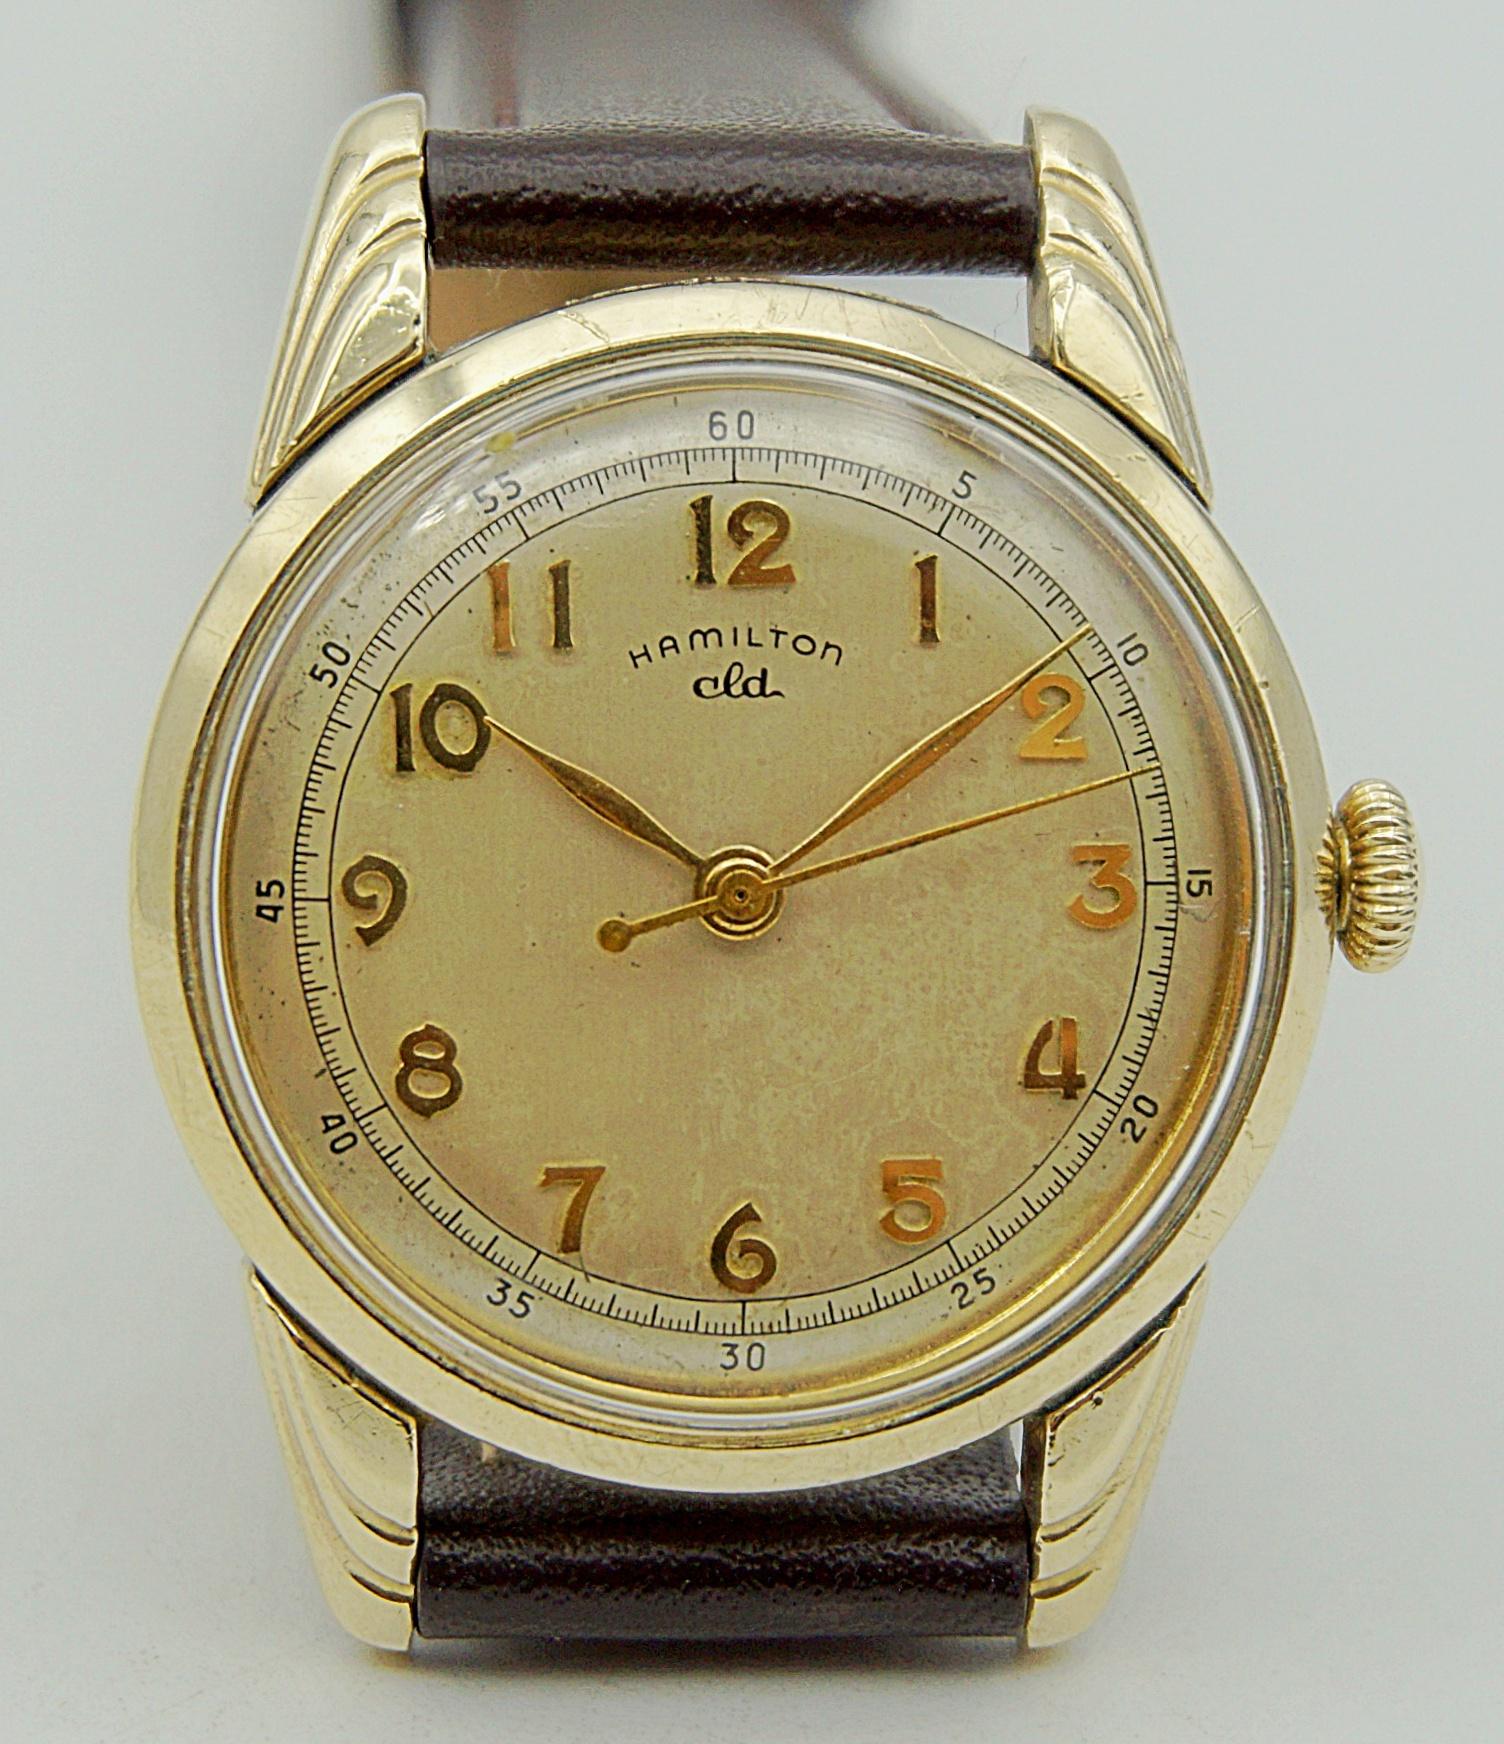 นาฬิกาเก่า HAMILTON ไขลาน